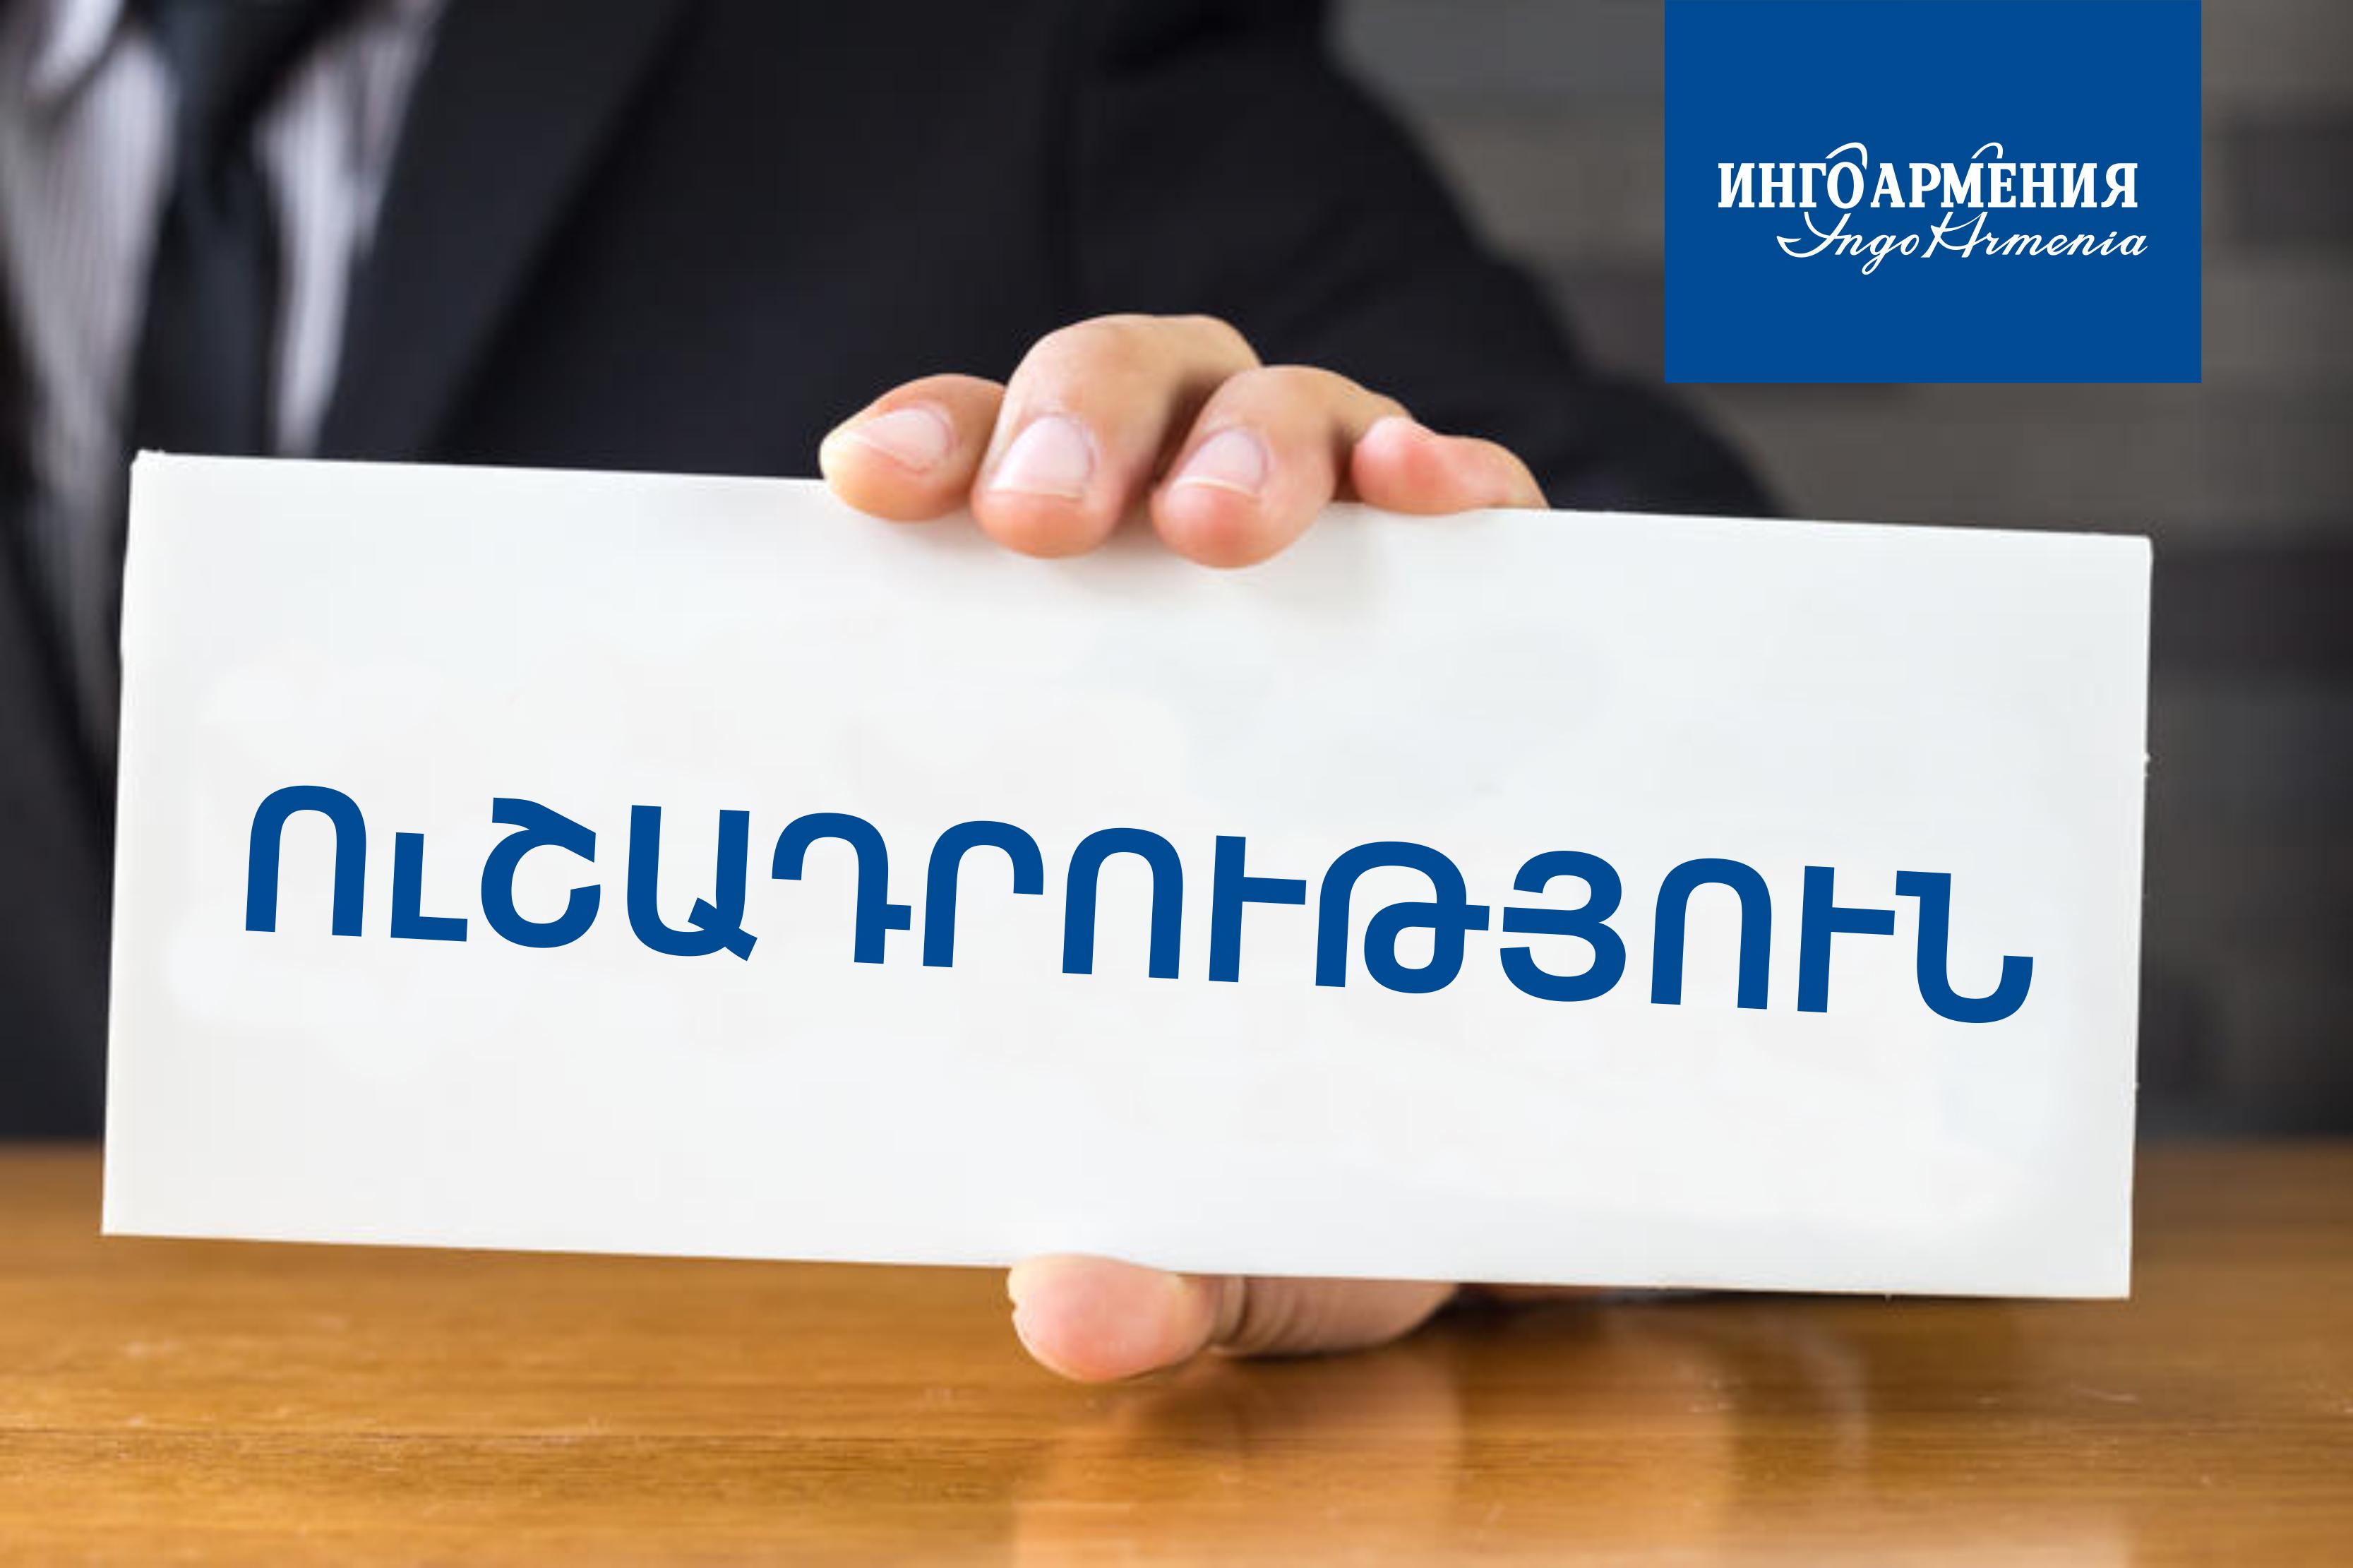 ԻՆԳՈ ԱՐՄԵՆԻԱ ապահովագրական ընկերությունը գործադրում է իր բոլոր ջանքերն այս օրերին հաճախորդների ապահովագրական դեպքերը սպասարկելու համար